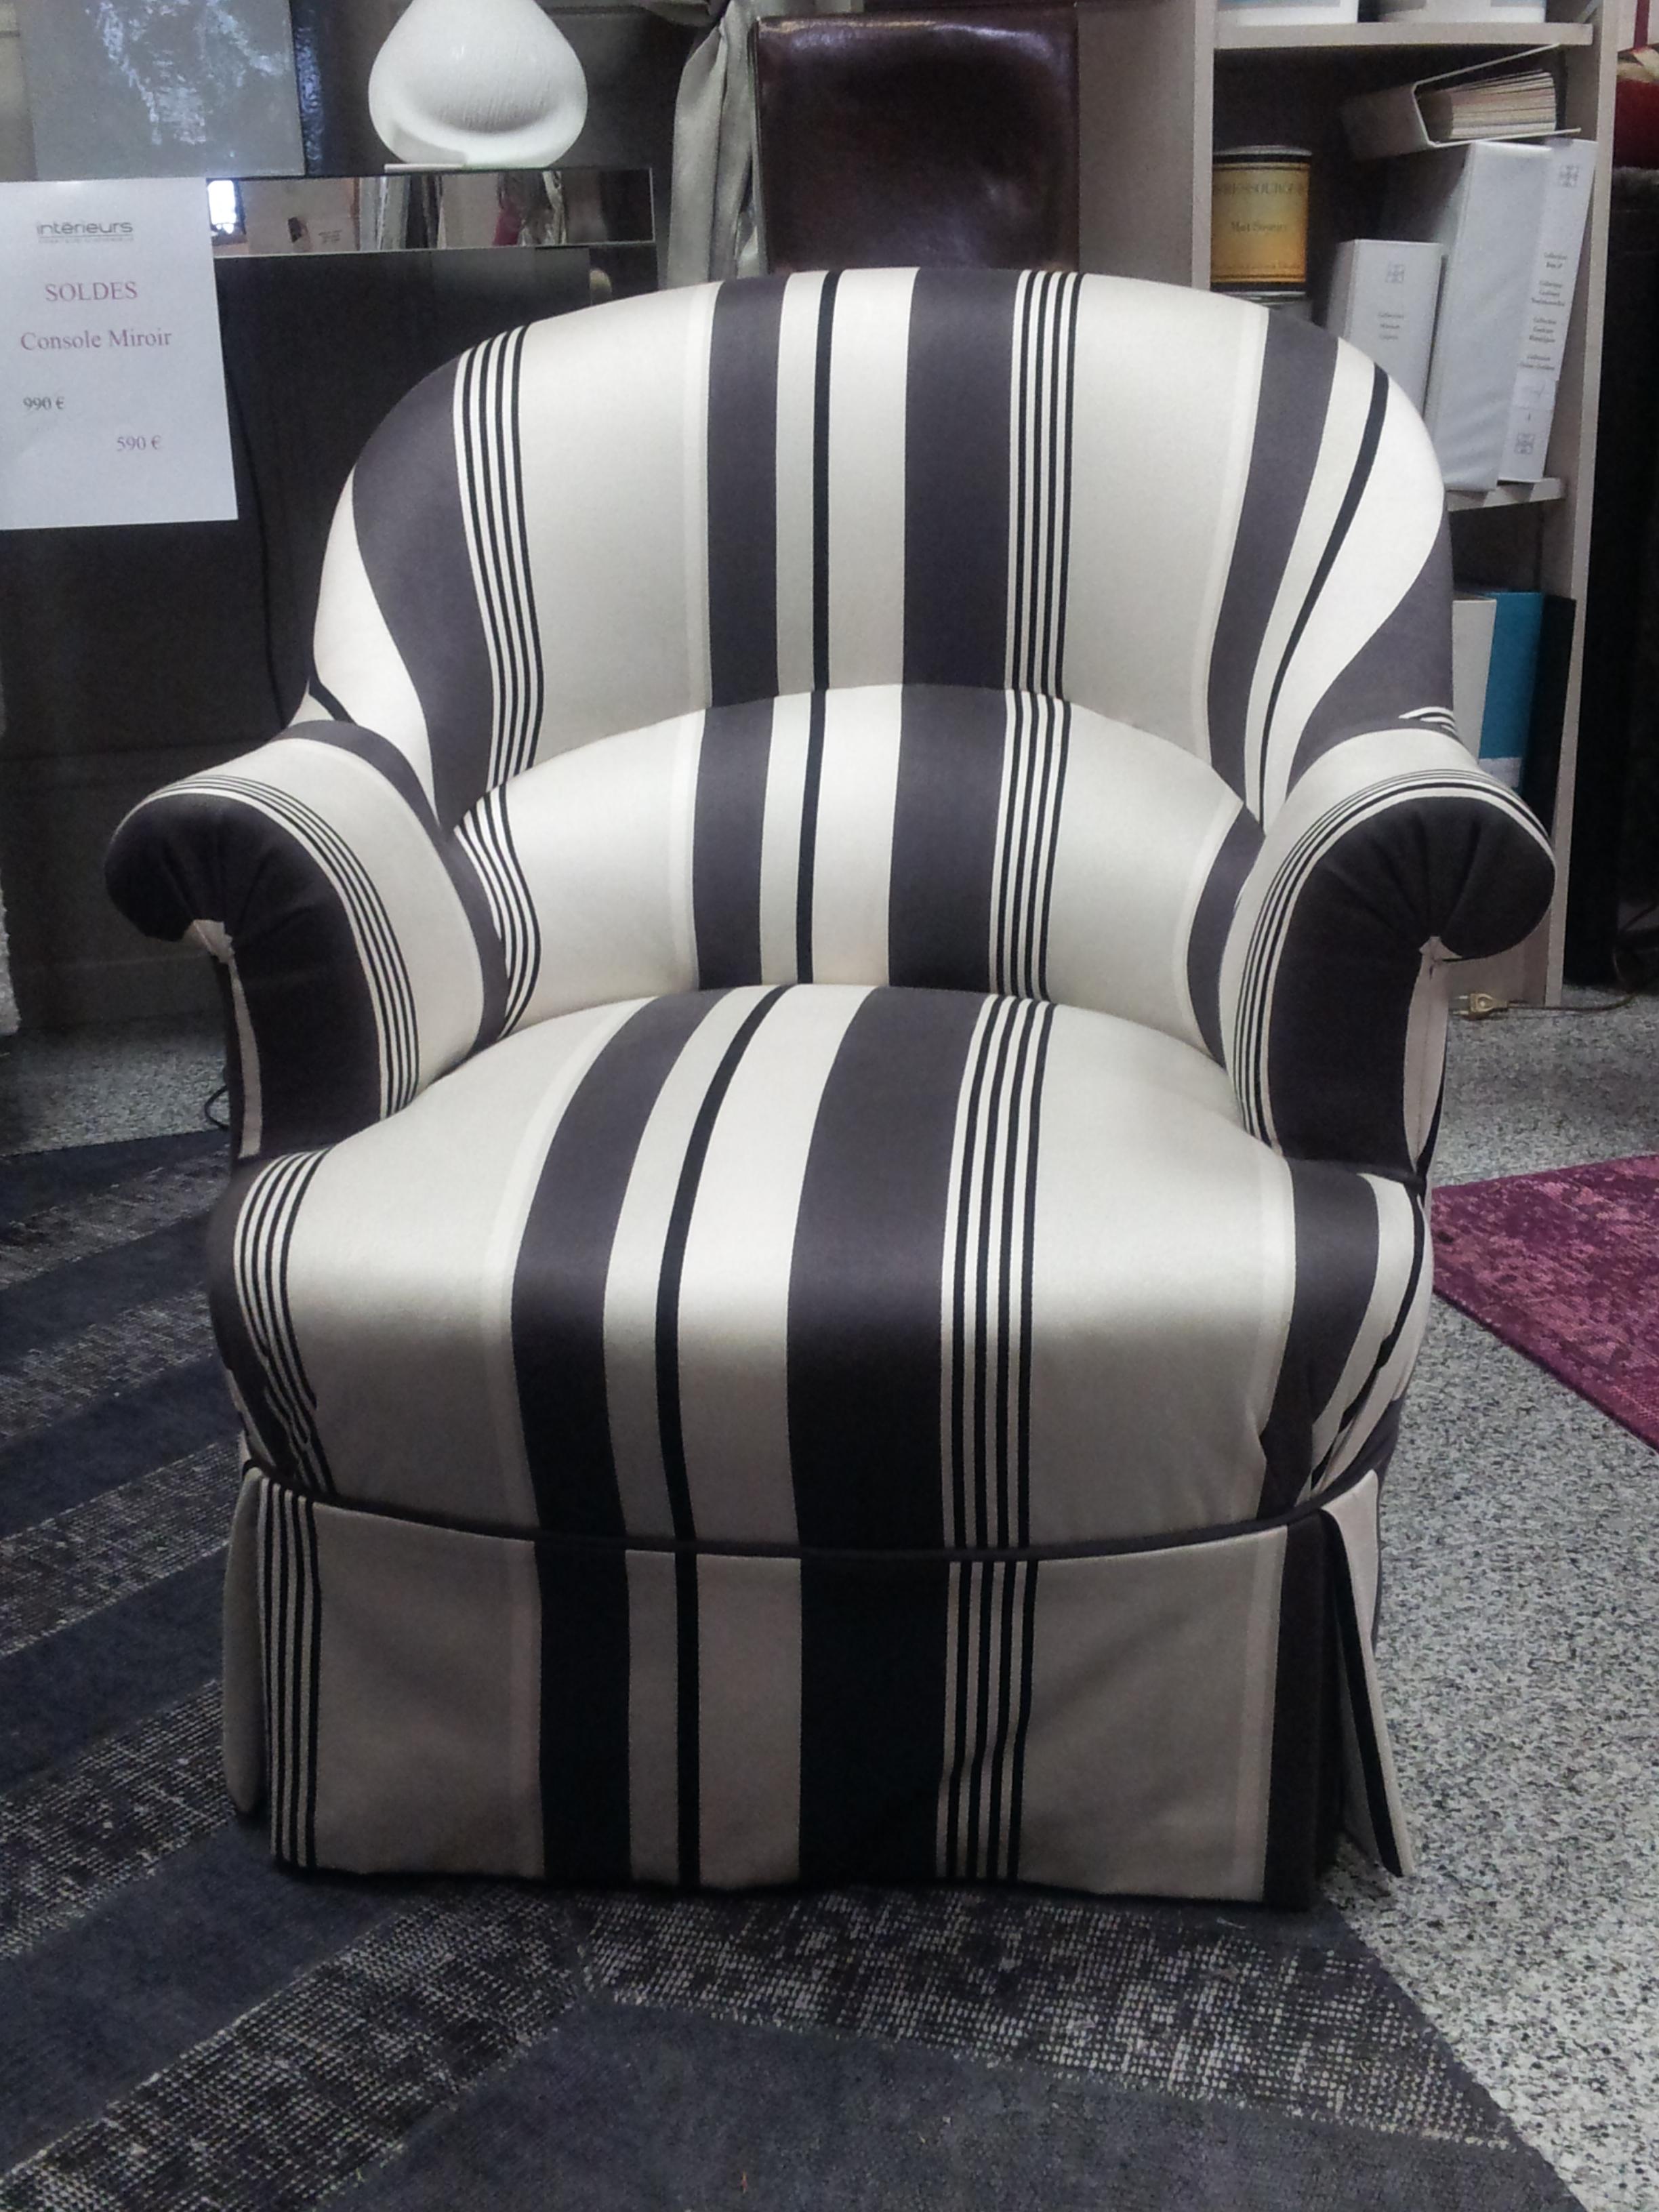 Les soldes chez int rieurs fauteuil crapaud bosse refait neuf int rieurs - Soldes fauteuil crapaud ...